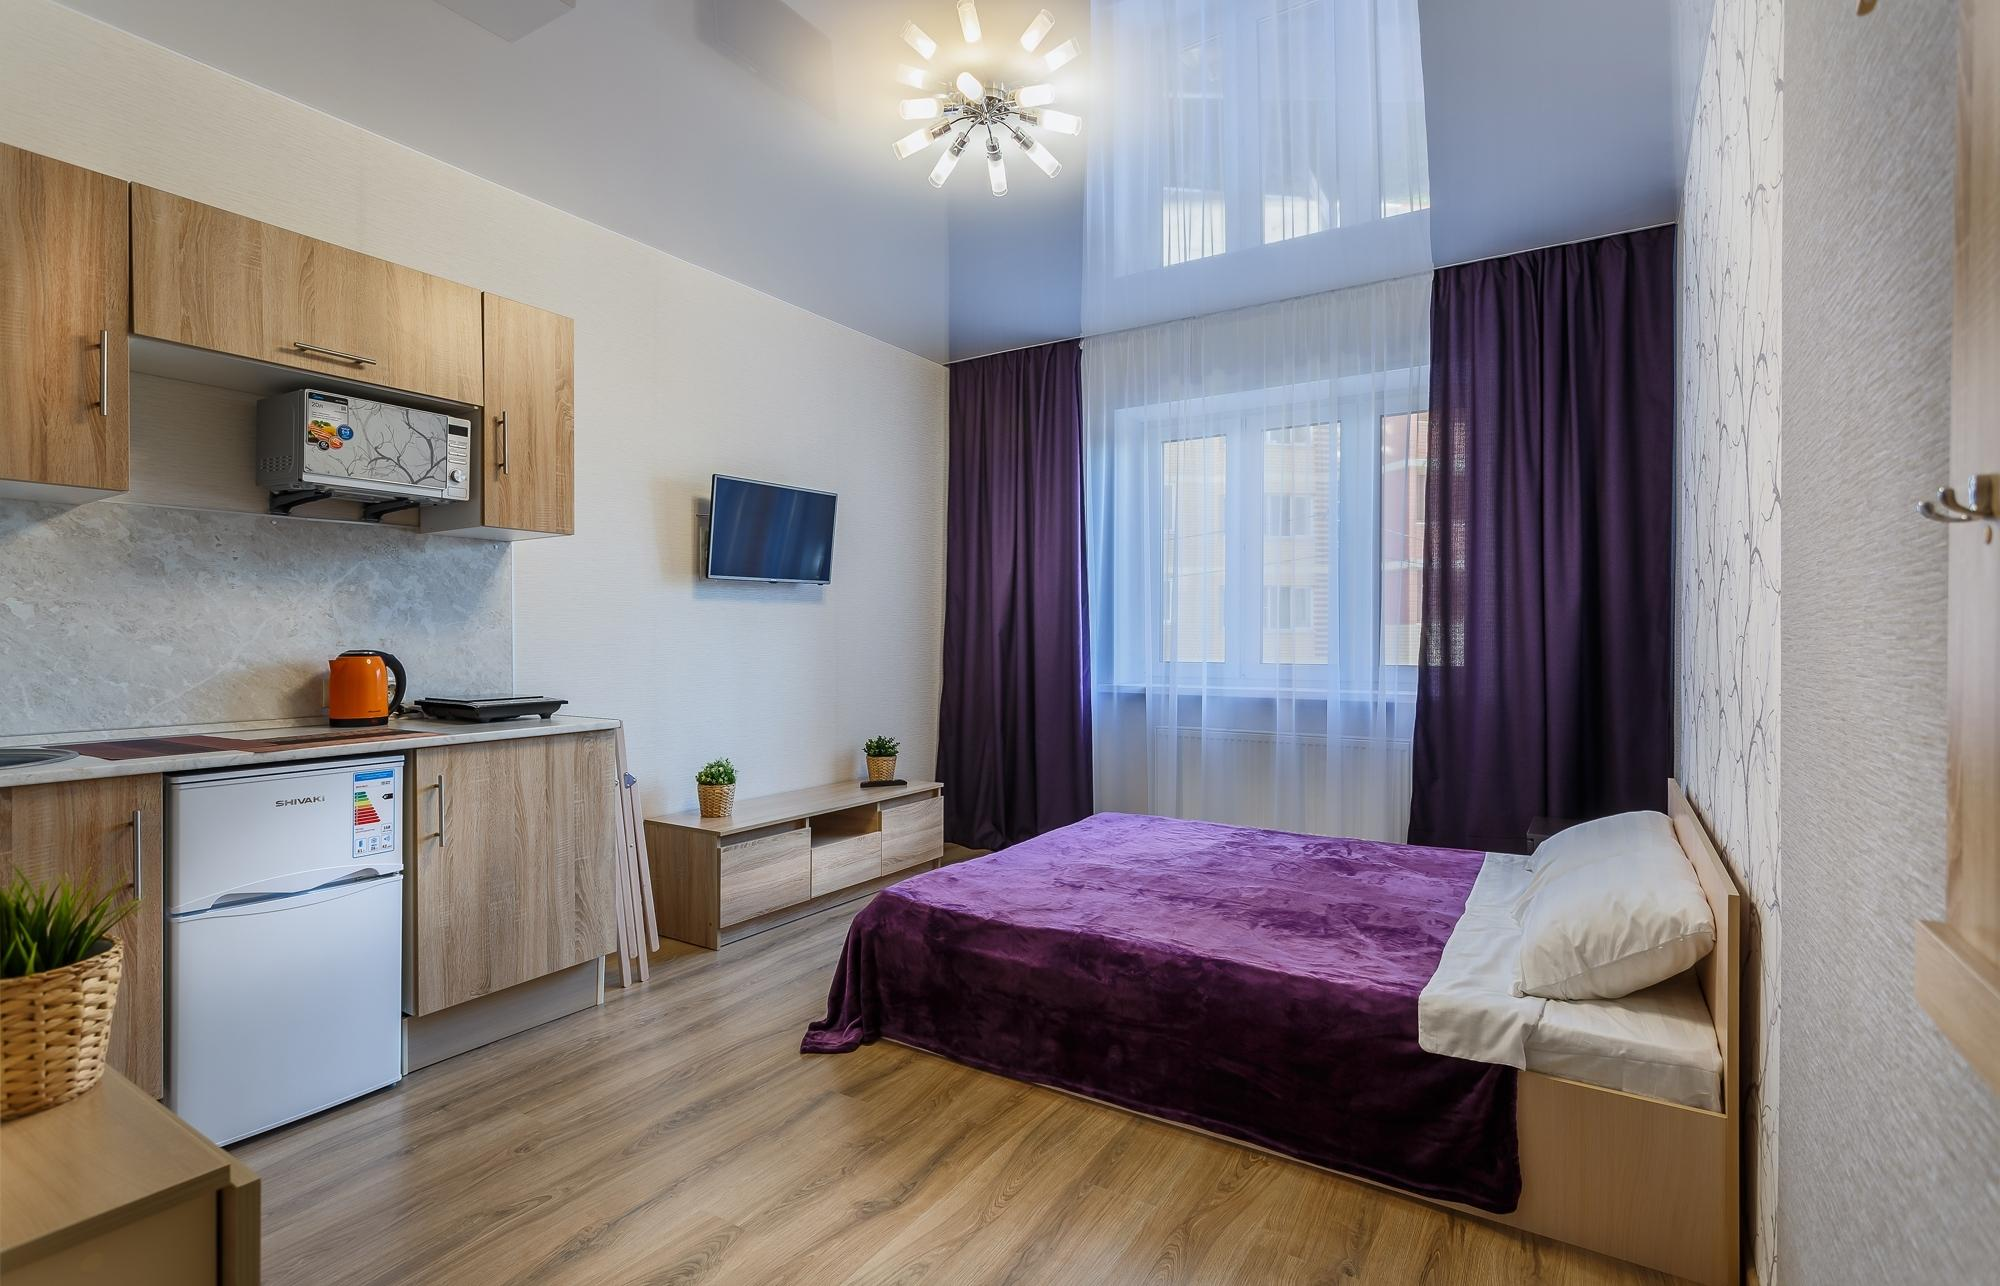 Квартира, студия, 25 м² в Мытищах 89670505157 купить 1